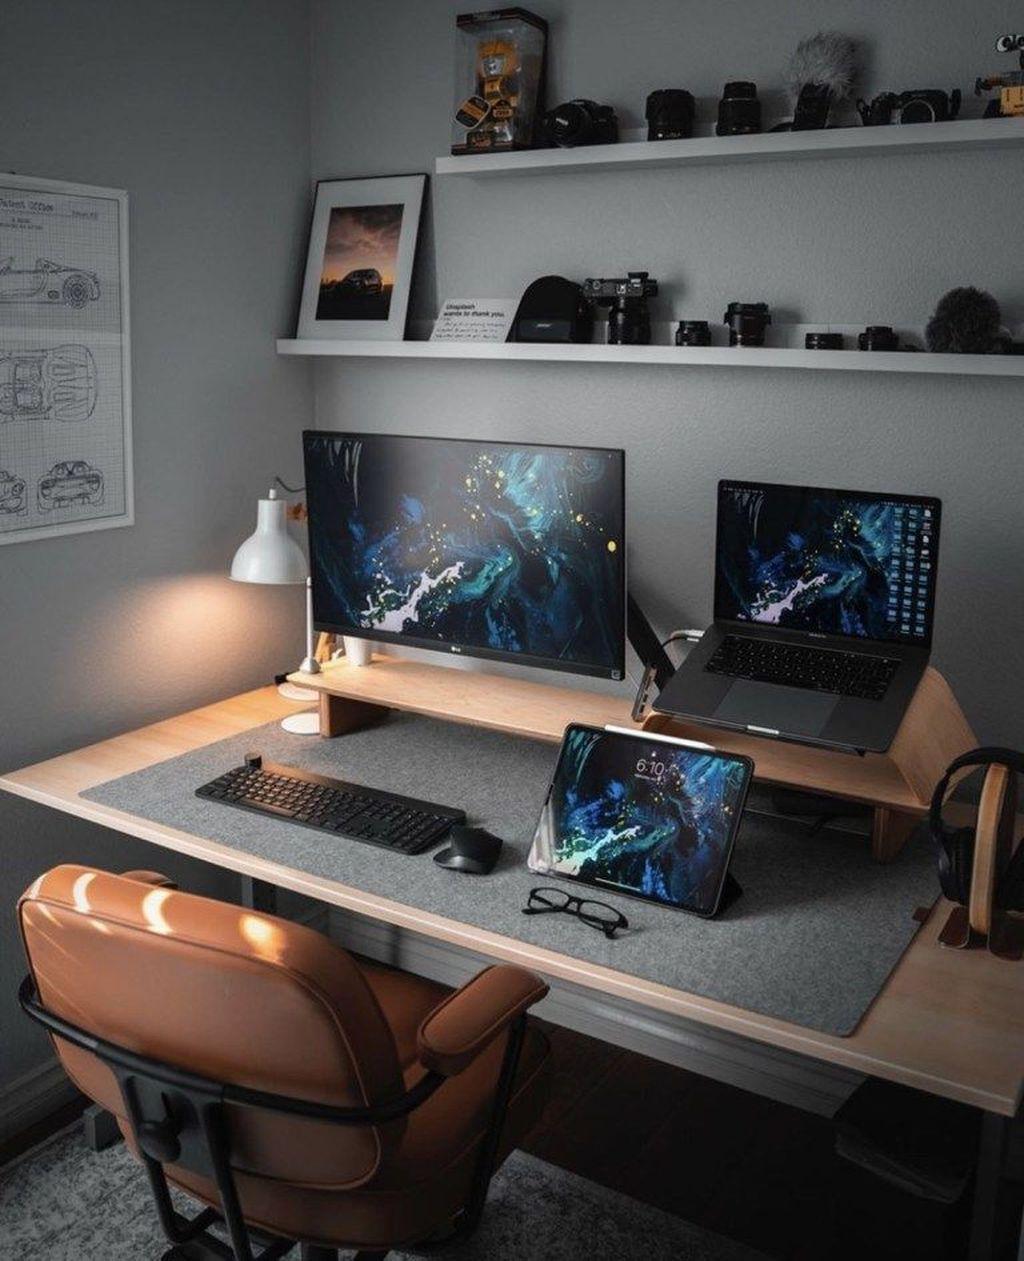 34 Gorgeous Home Office Design Ideas For Men Einrichten Hausdekoration Wohnzimmer Wohnung Dekoration Wohn Home Office Setup Office Setup Workspace Design